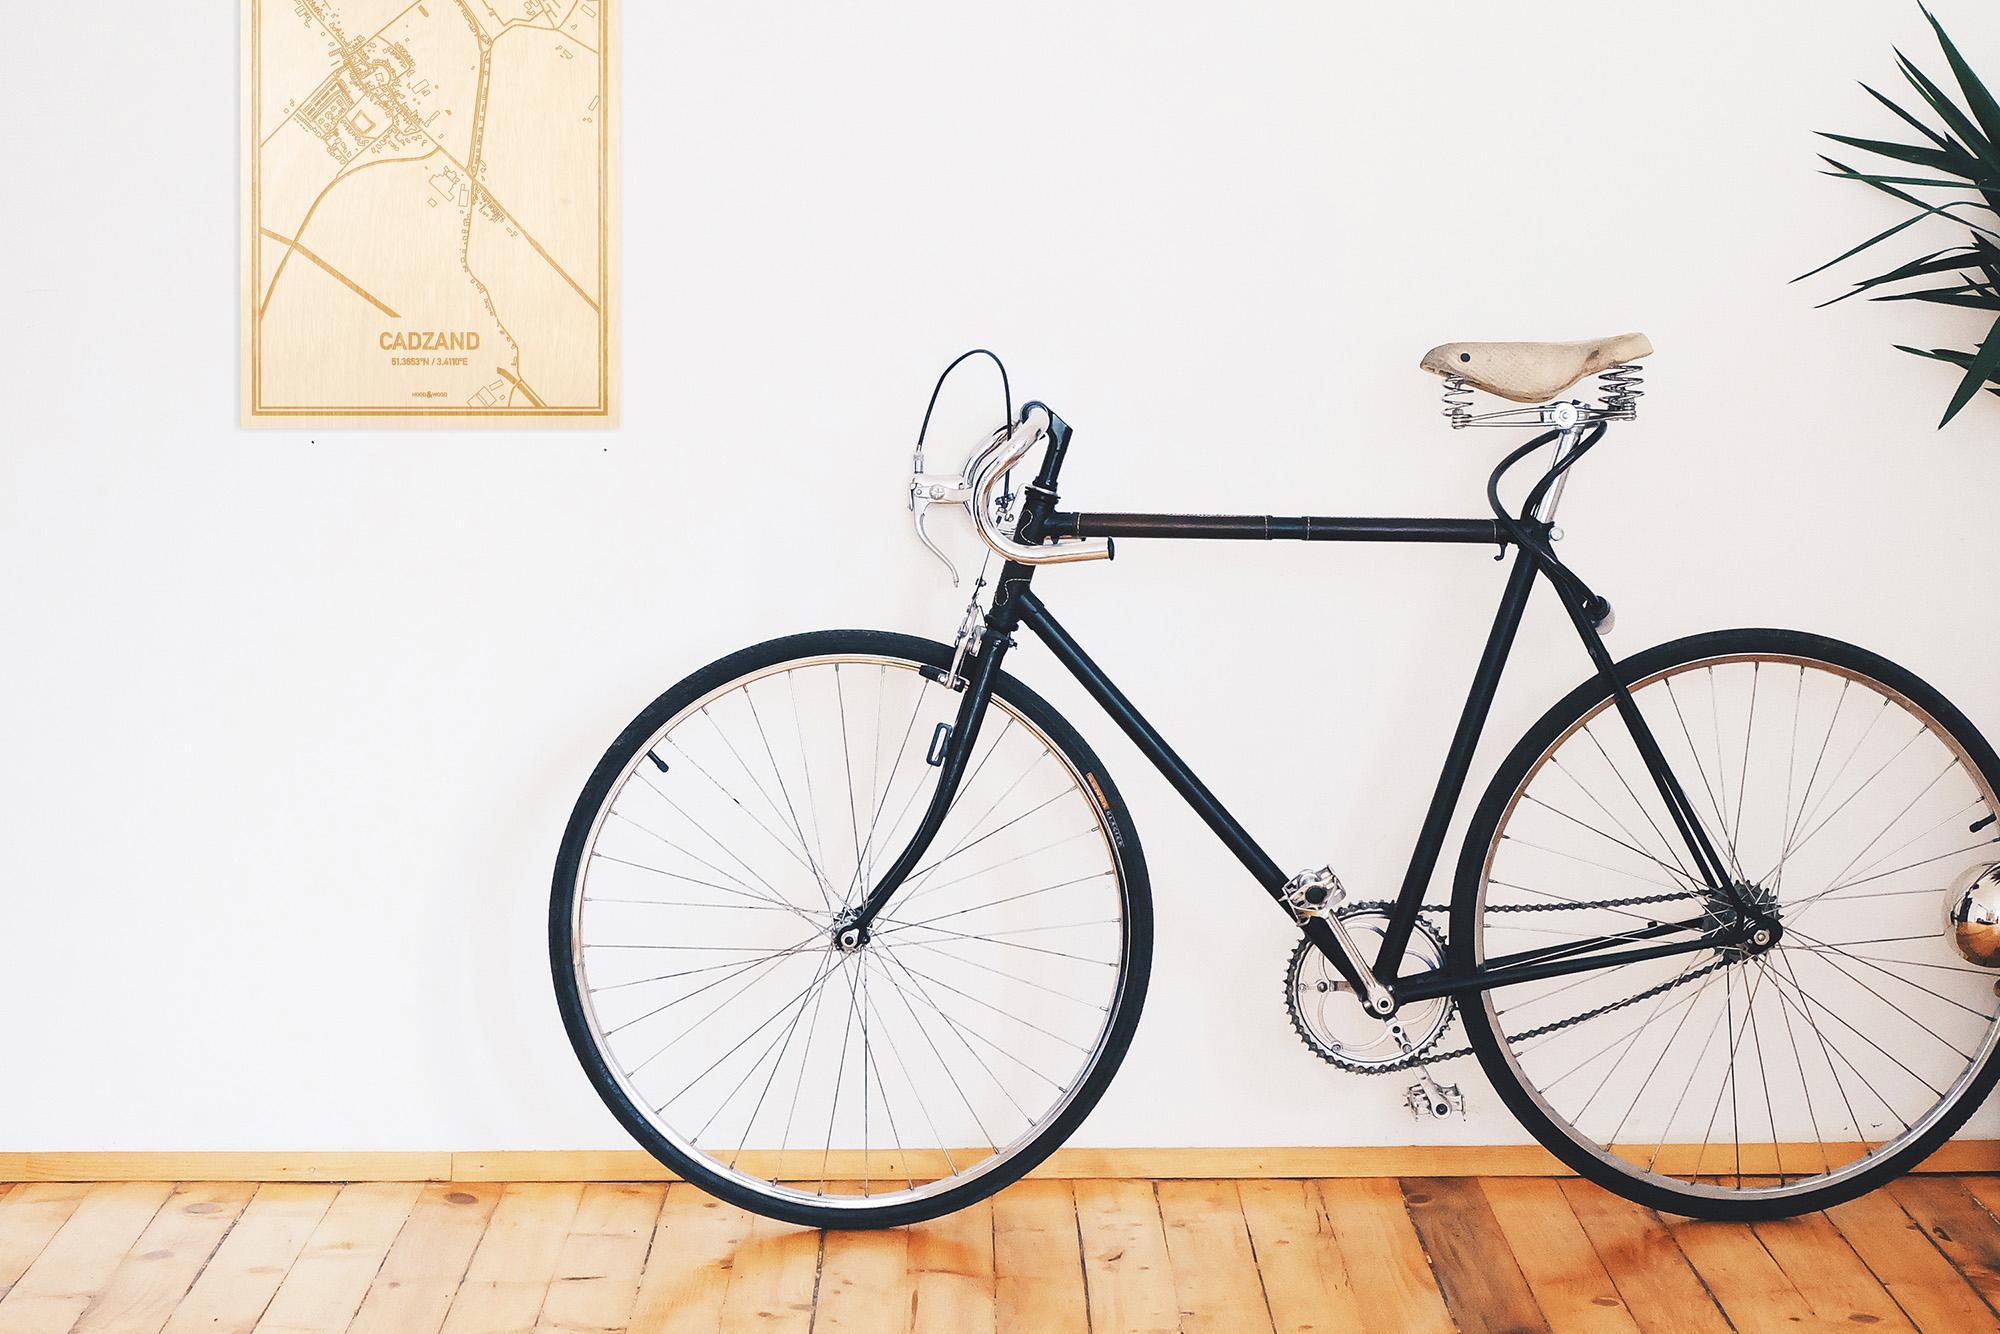 Een snelle fiets in een uniek interieur in Zeeland met mooie decoratie zoals de plattegrond Cadzand.